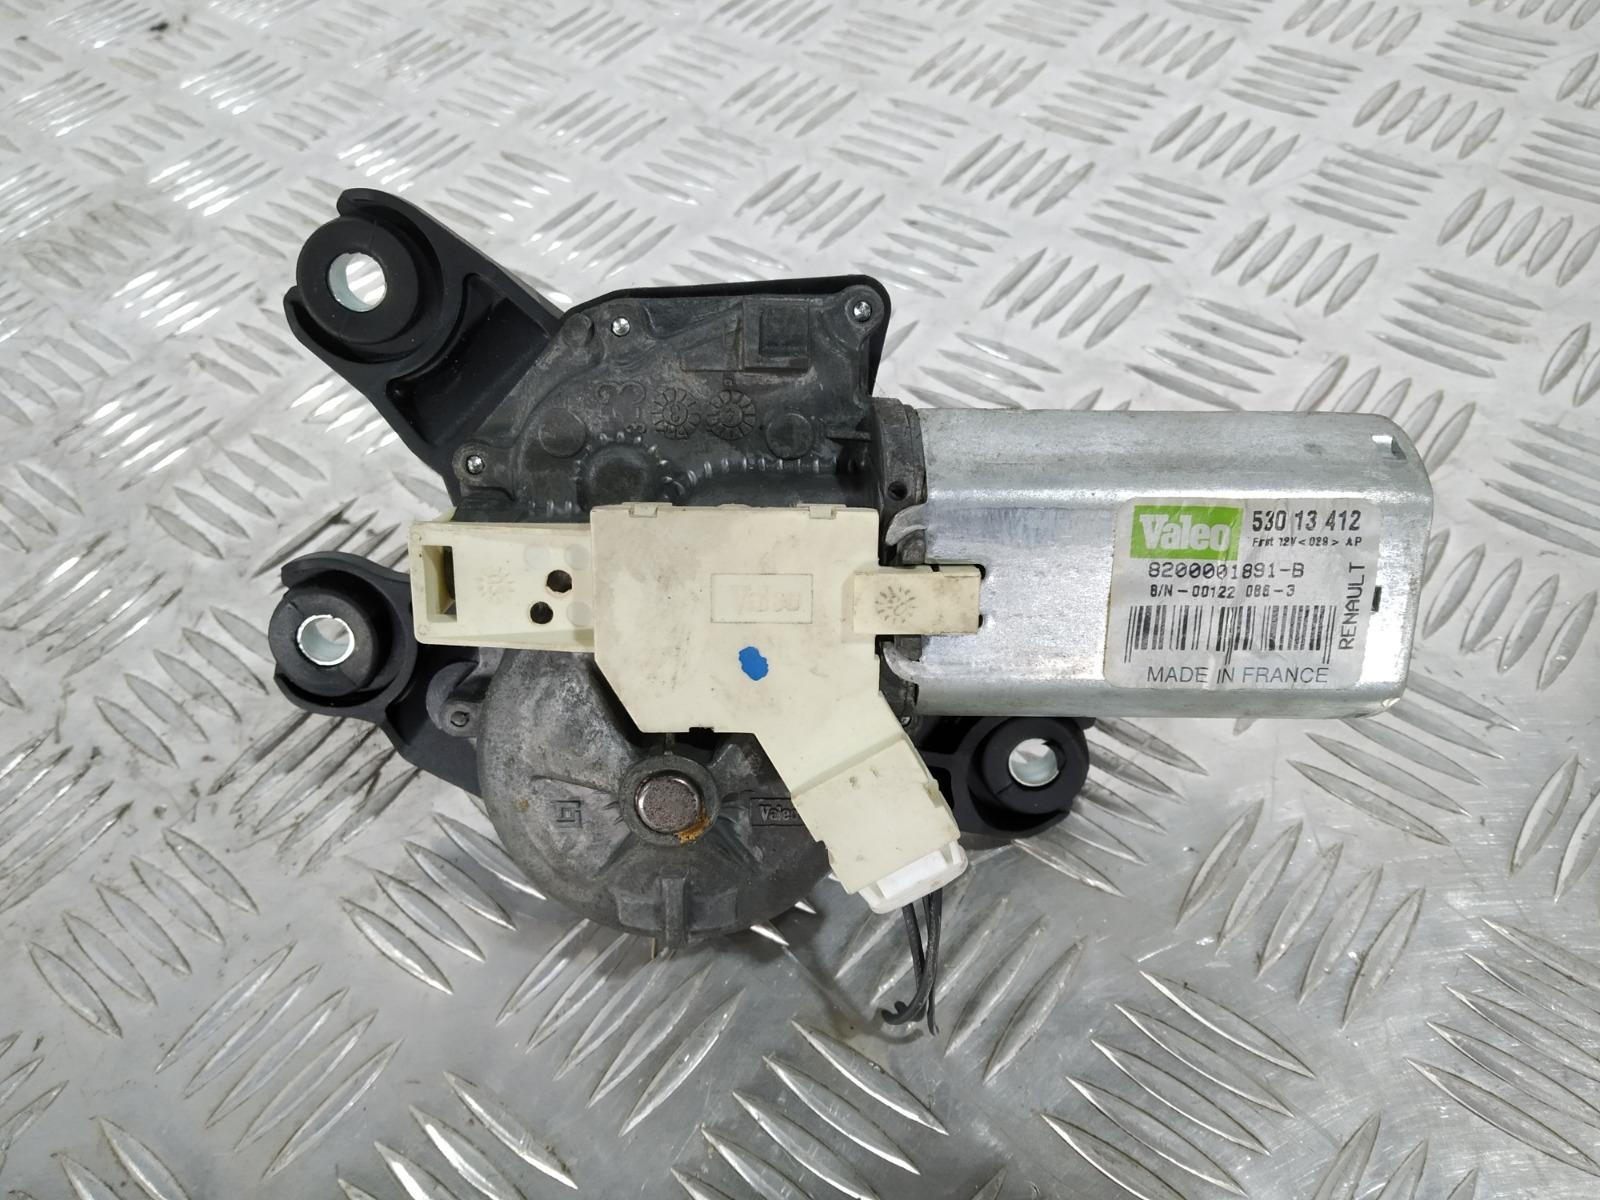 Моторчик заднего стеклоочистителя (дворника) Renault Laguna 1.9 DCI 2003 (б/у)